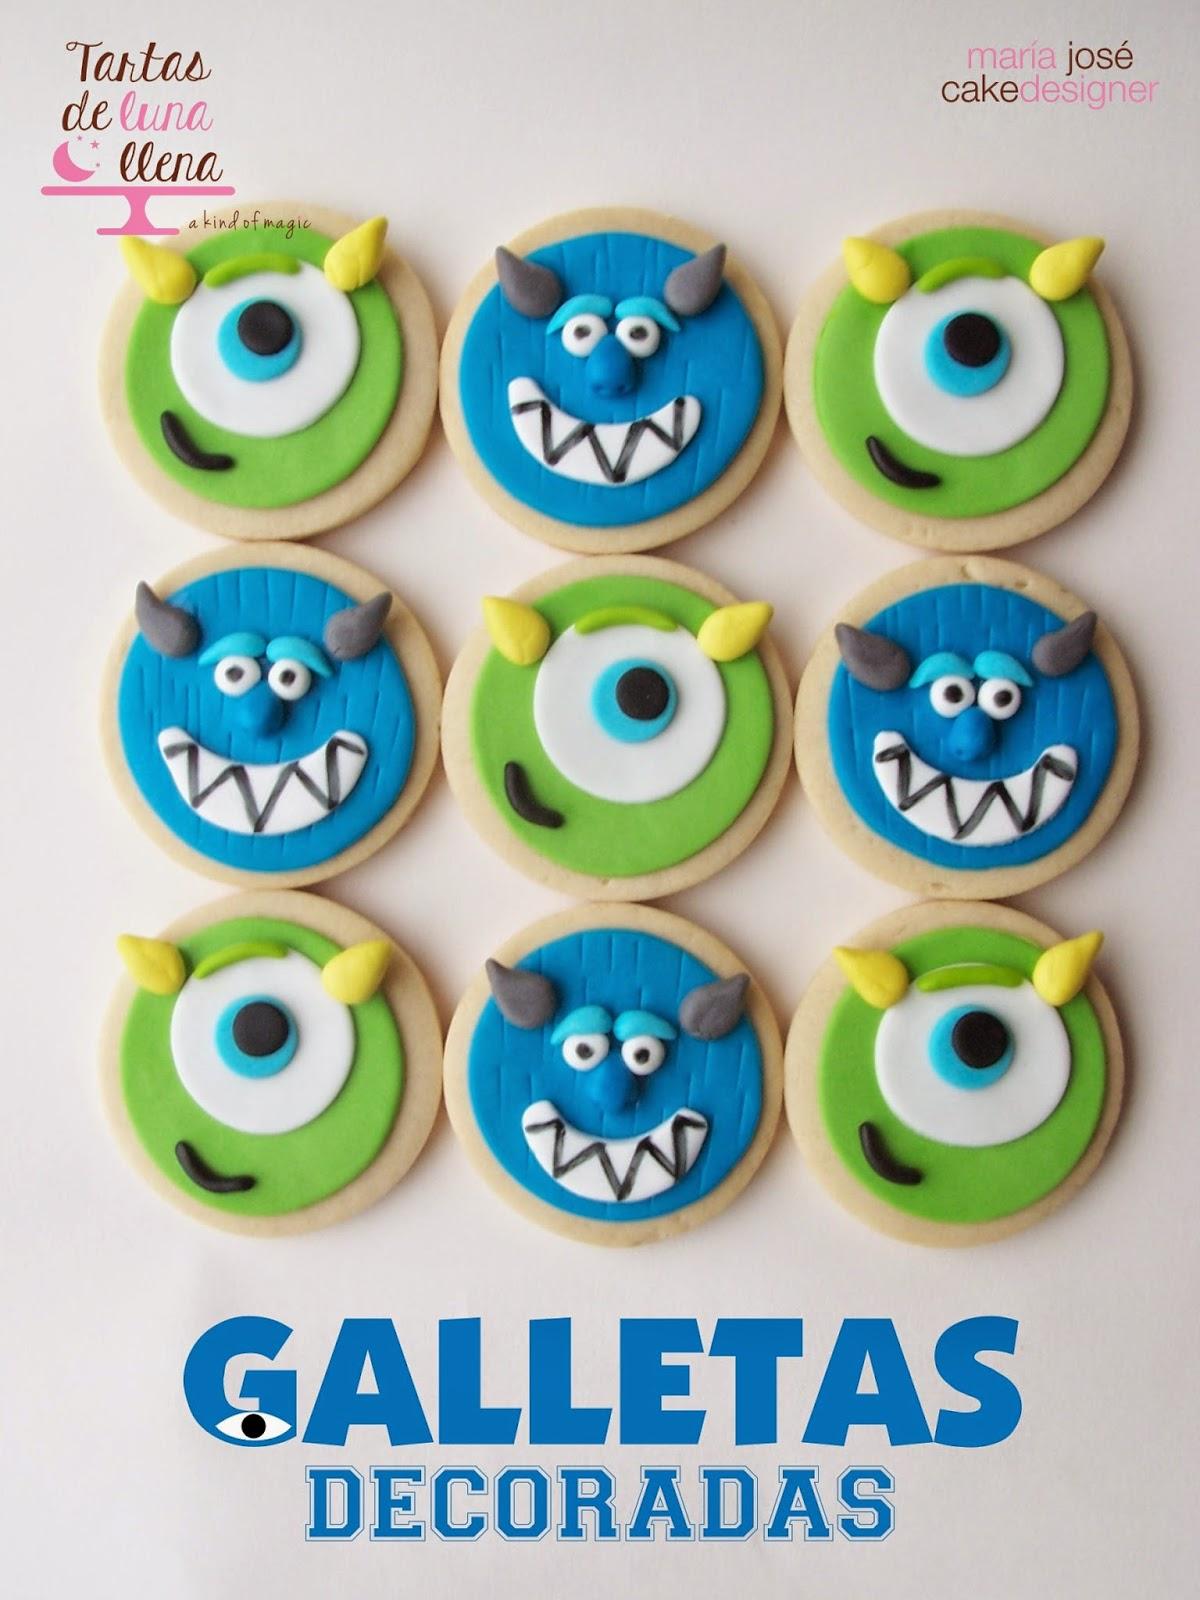 Tartas de luna llena Galletas decoradas con fondant Monstruos